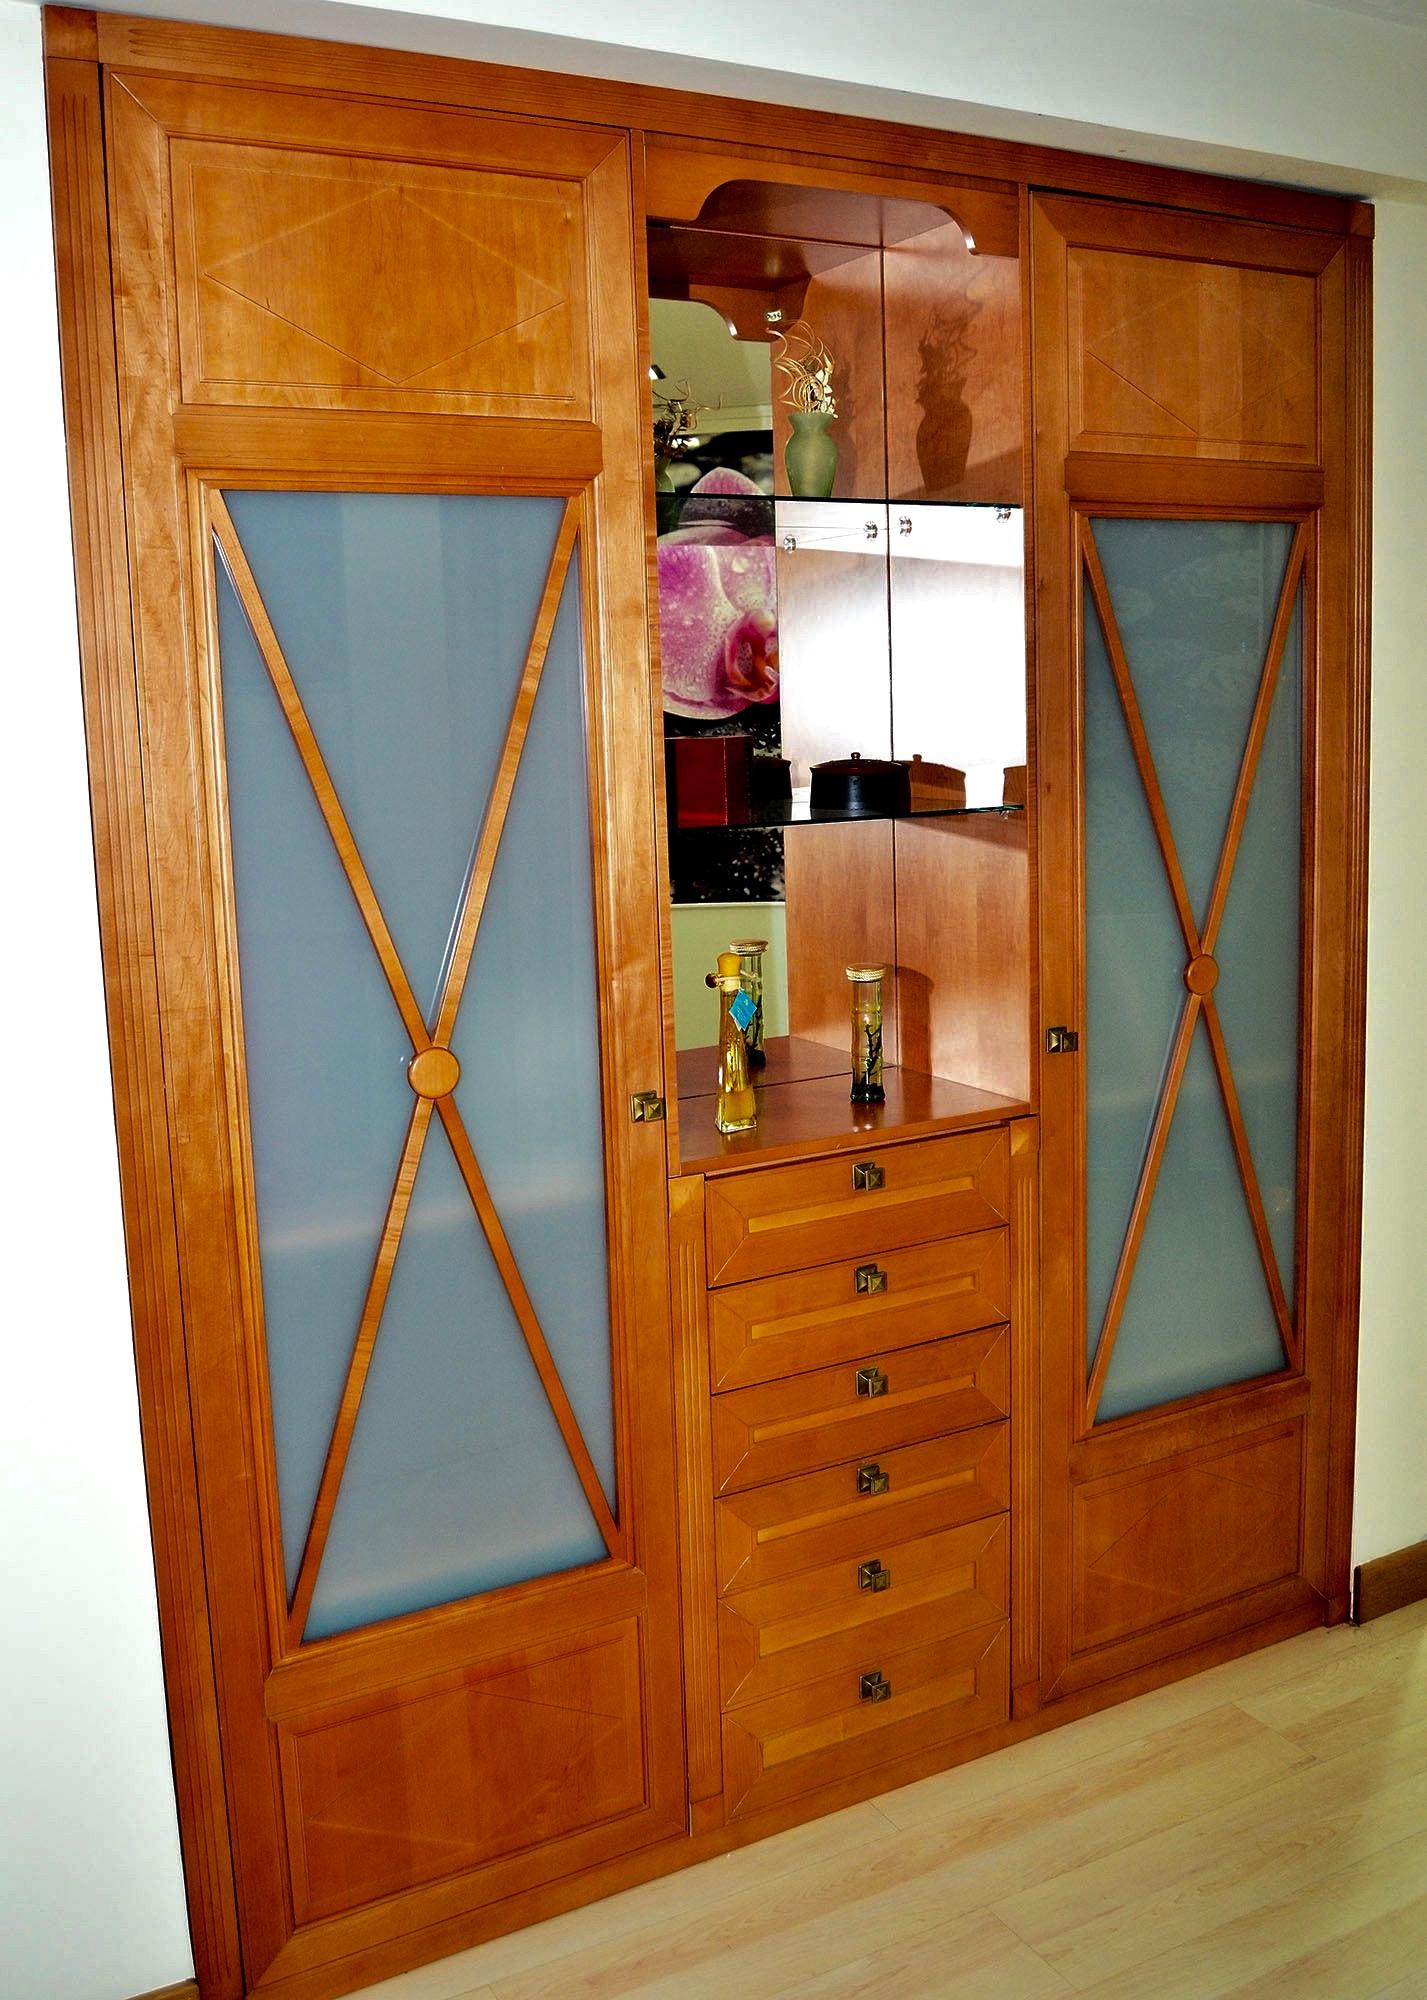 Armario quality 04 josman hermanos tienda de muebles de cocina y ba o en santander tienda de - Tiendas de armarios ...